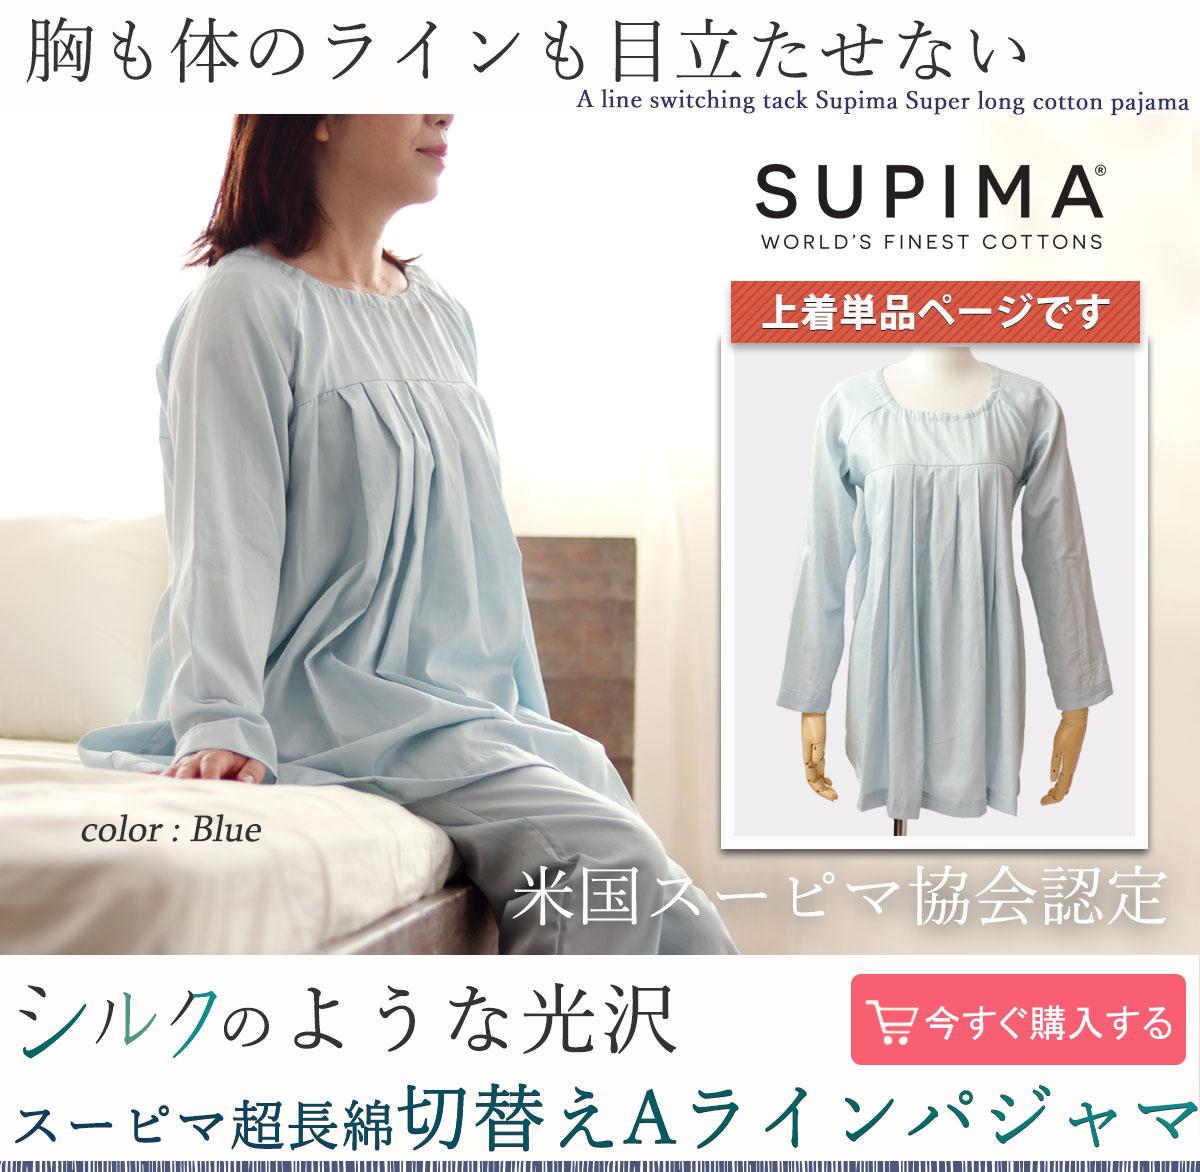 スーピマ超長綿Aラインパジャマ